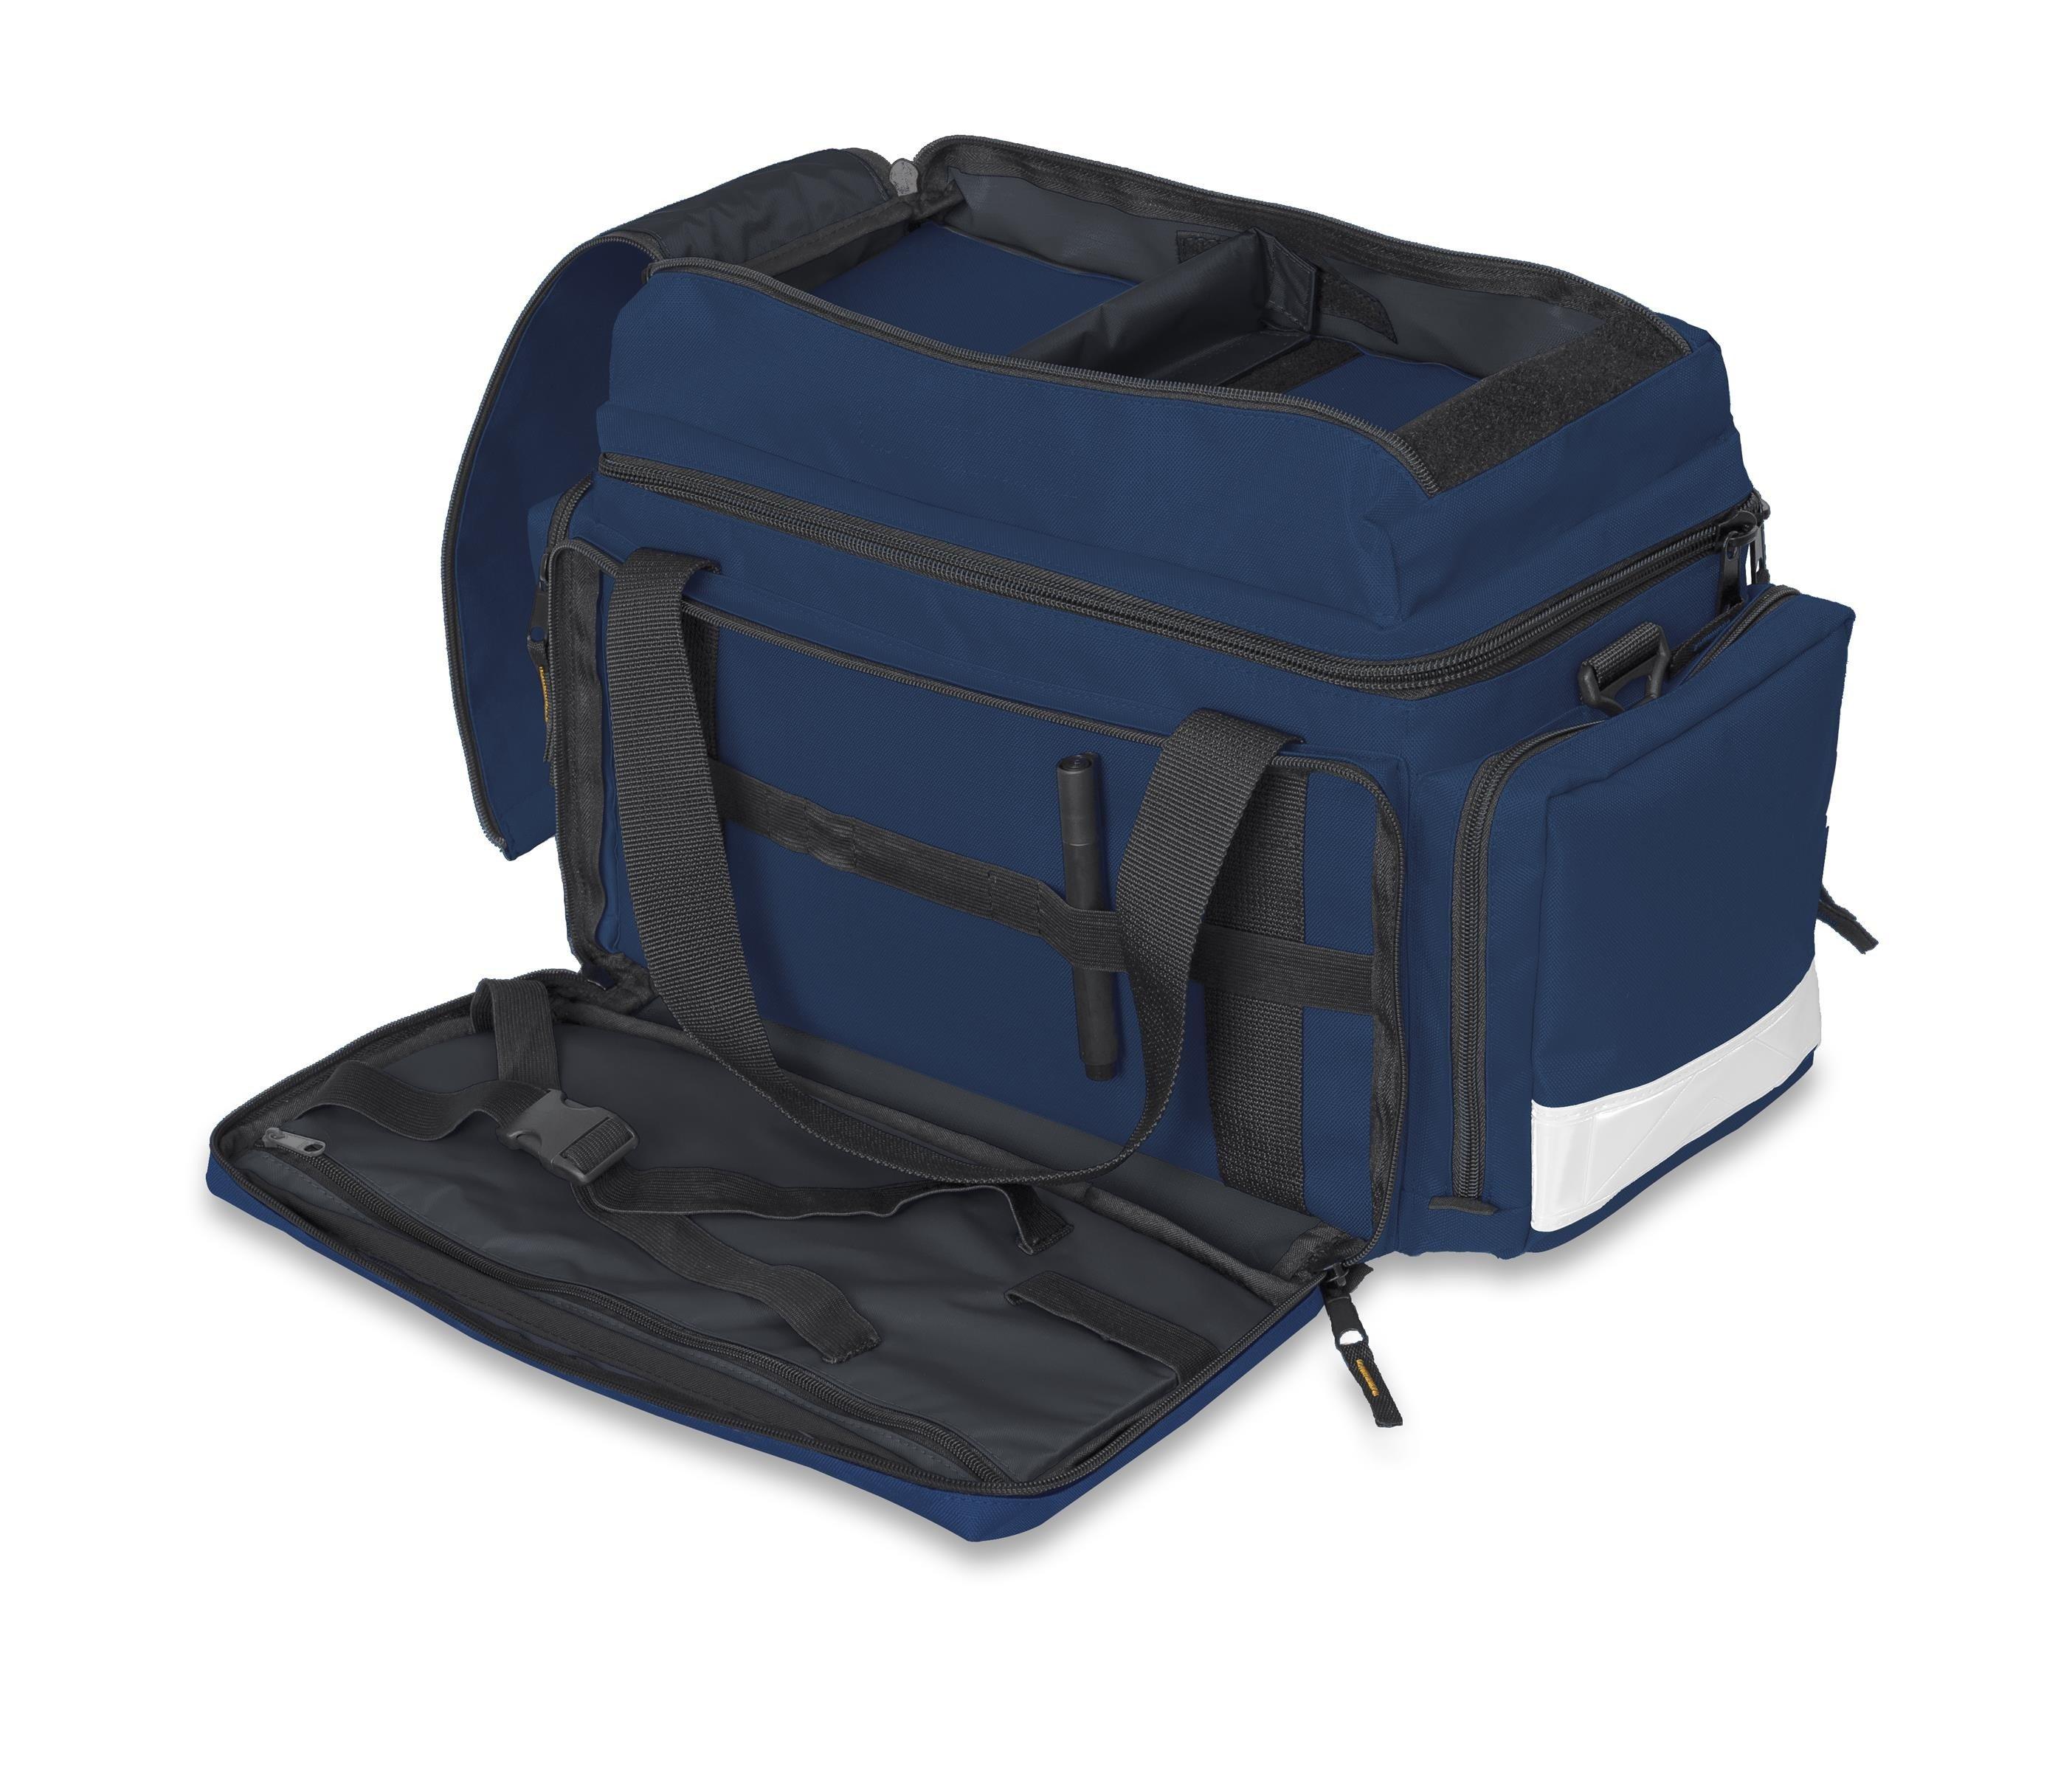 5707f426b8f2f Torba medyczna medic bag basic granatowa - torbymedyczne.com